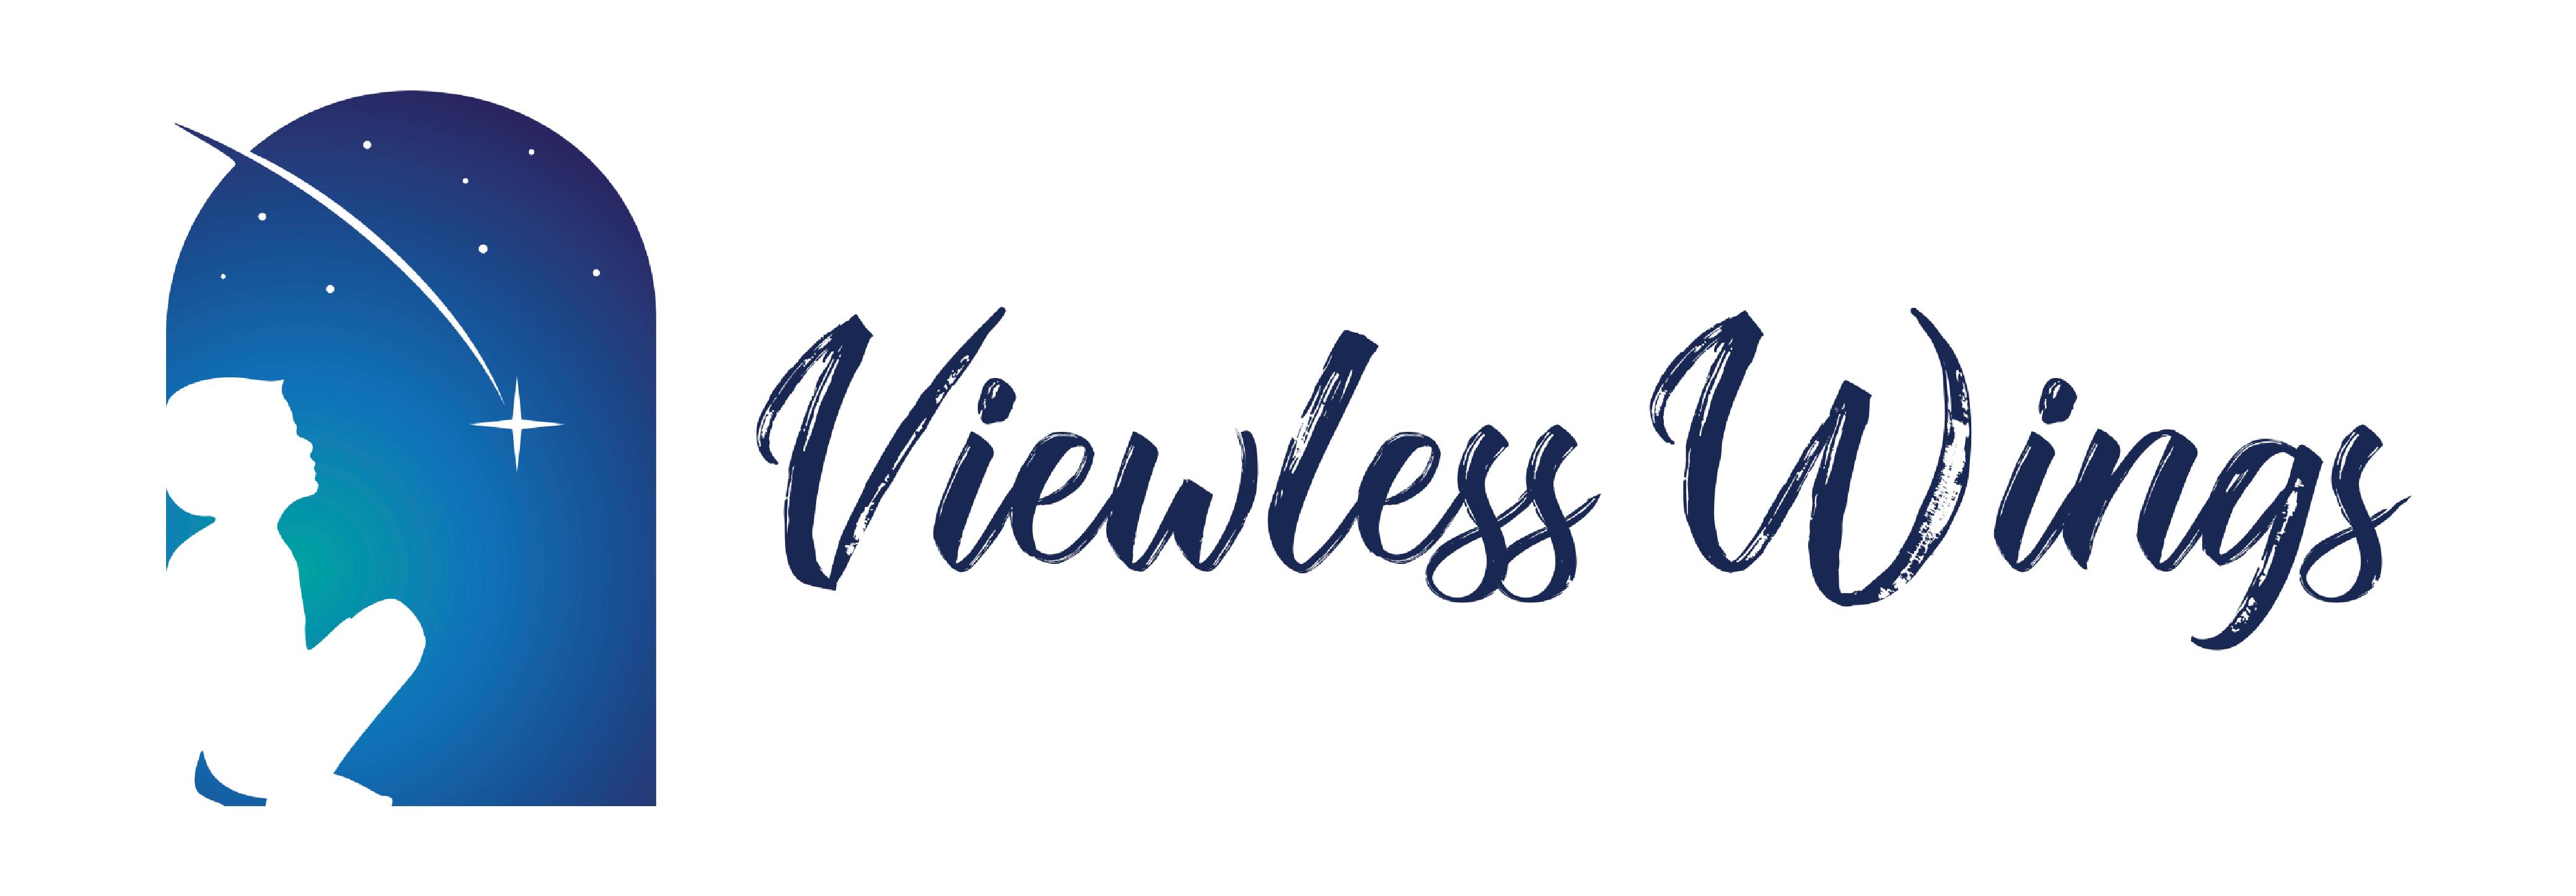 Viewless Wings Press